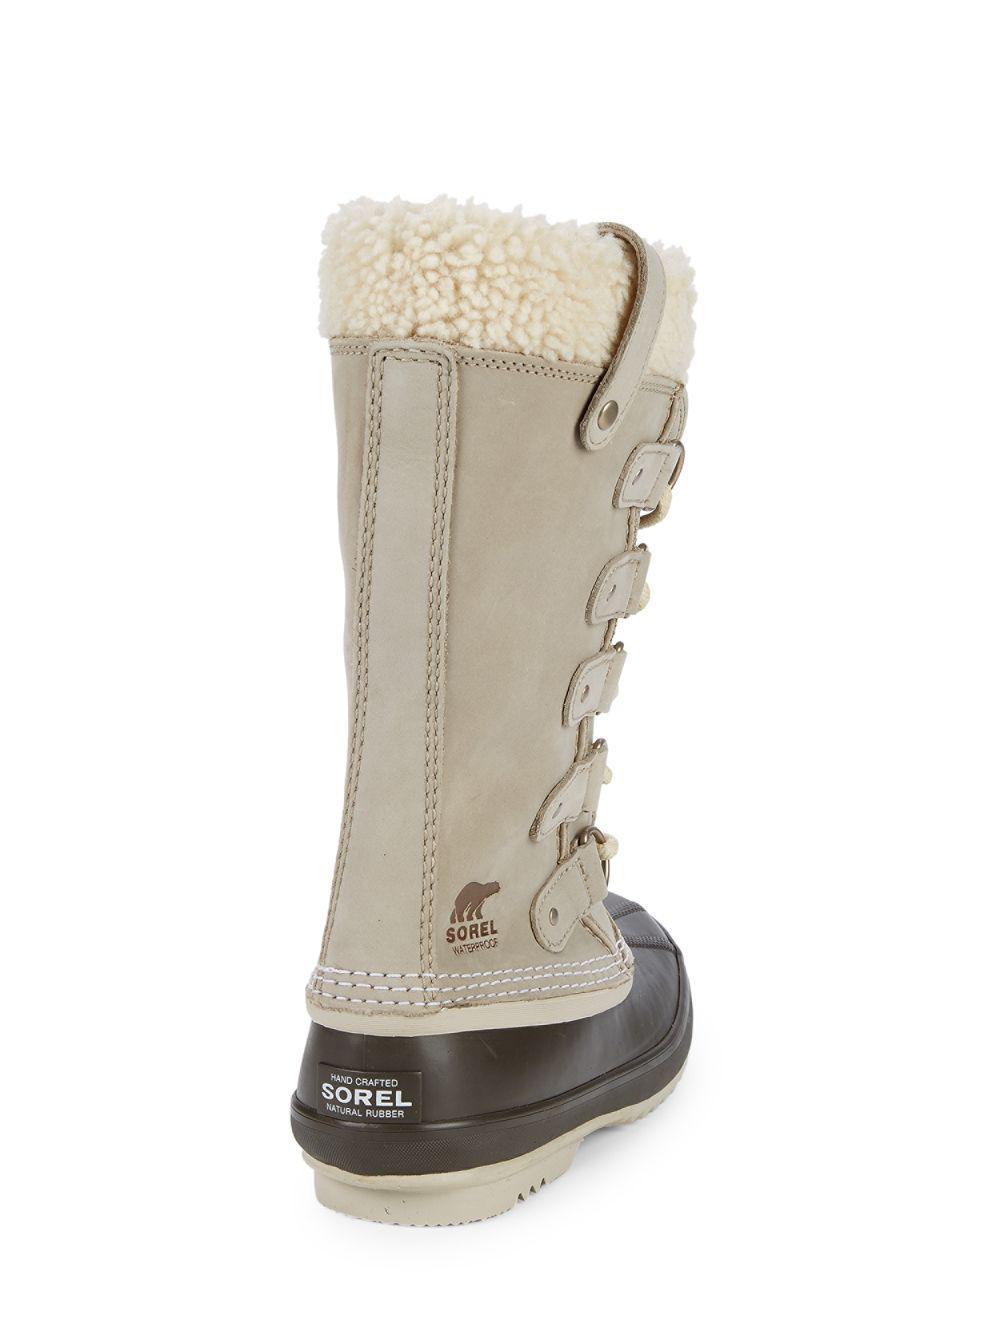 cc8f71d53d49 Lyst - Sorel Joan Of Arctic Faux Fur Trimmed Waterproof Boots